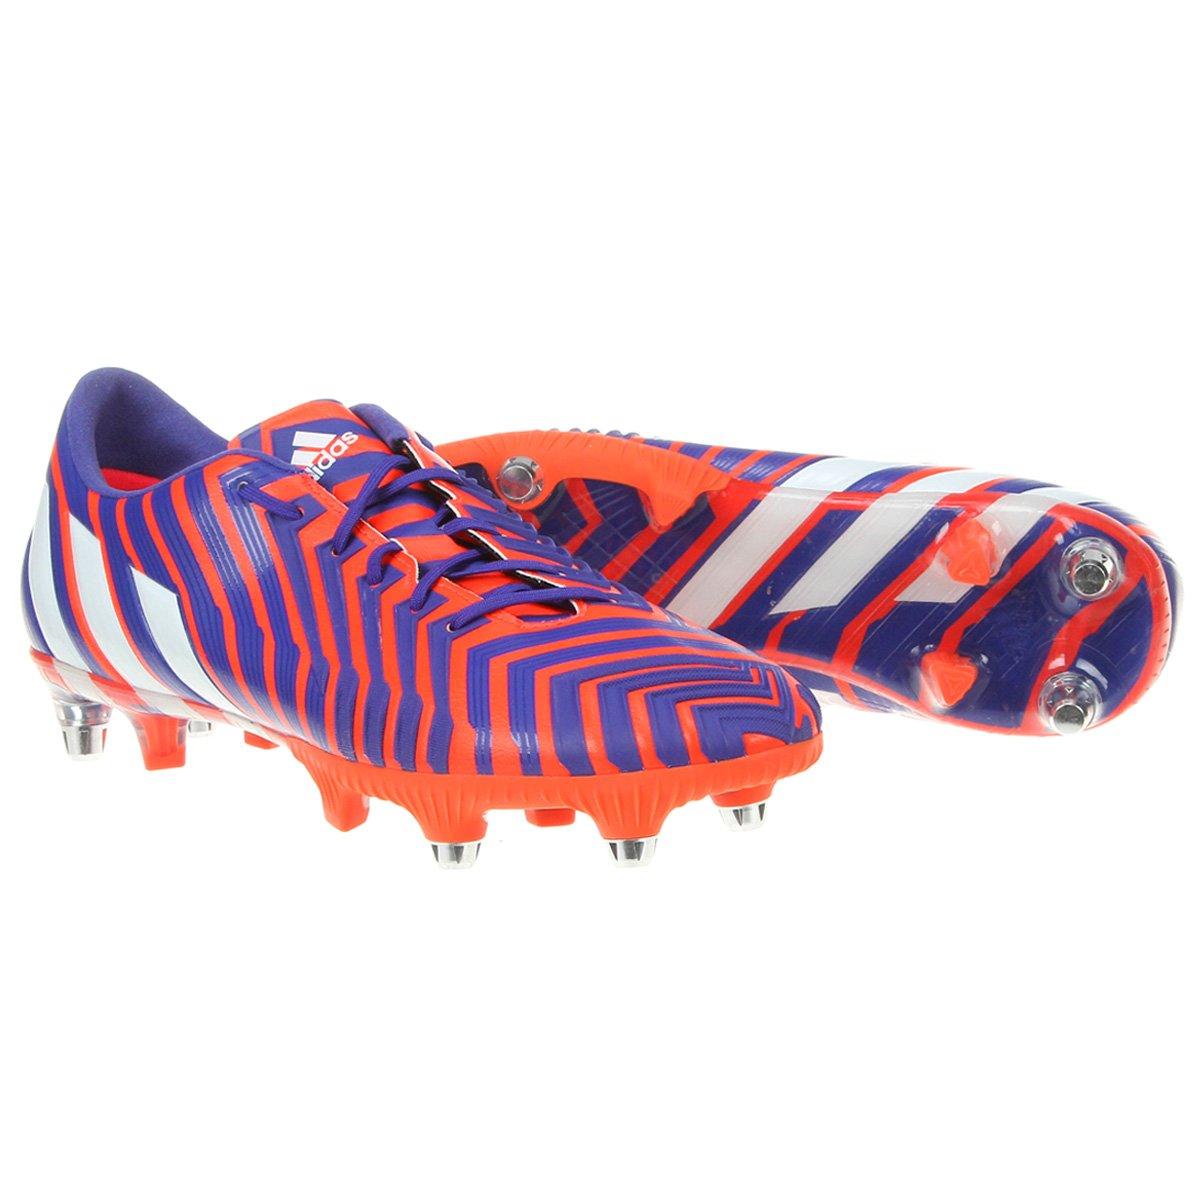 fbadf27a01810 Chuteira Adidas Predator Instinct SG Campo - Compre Agora